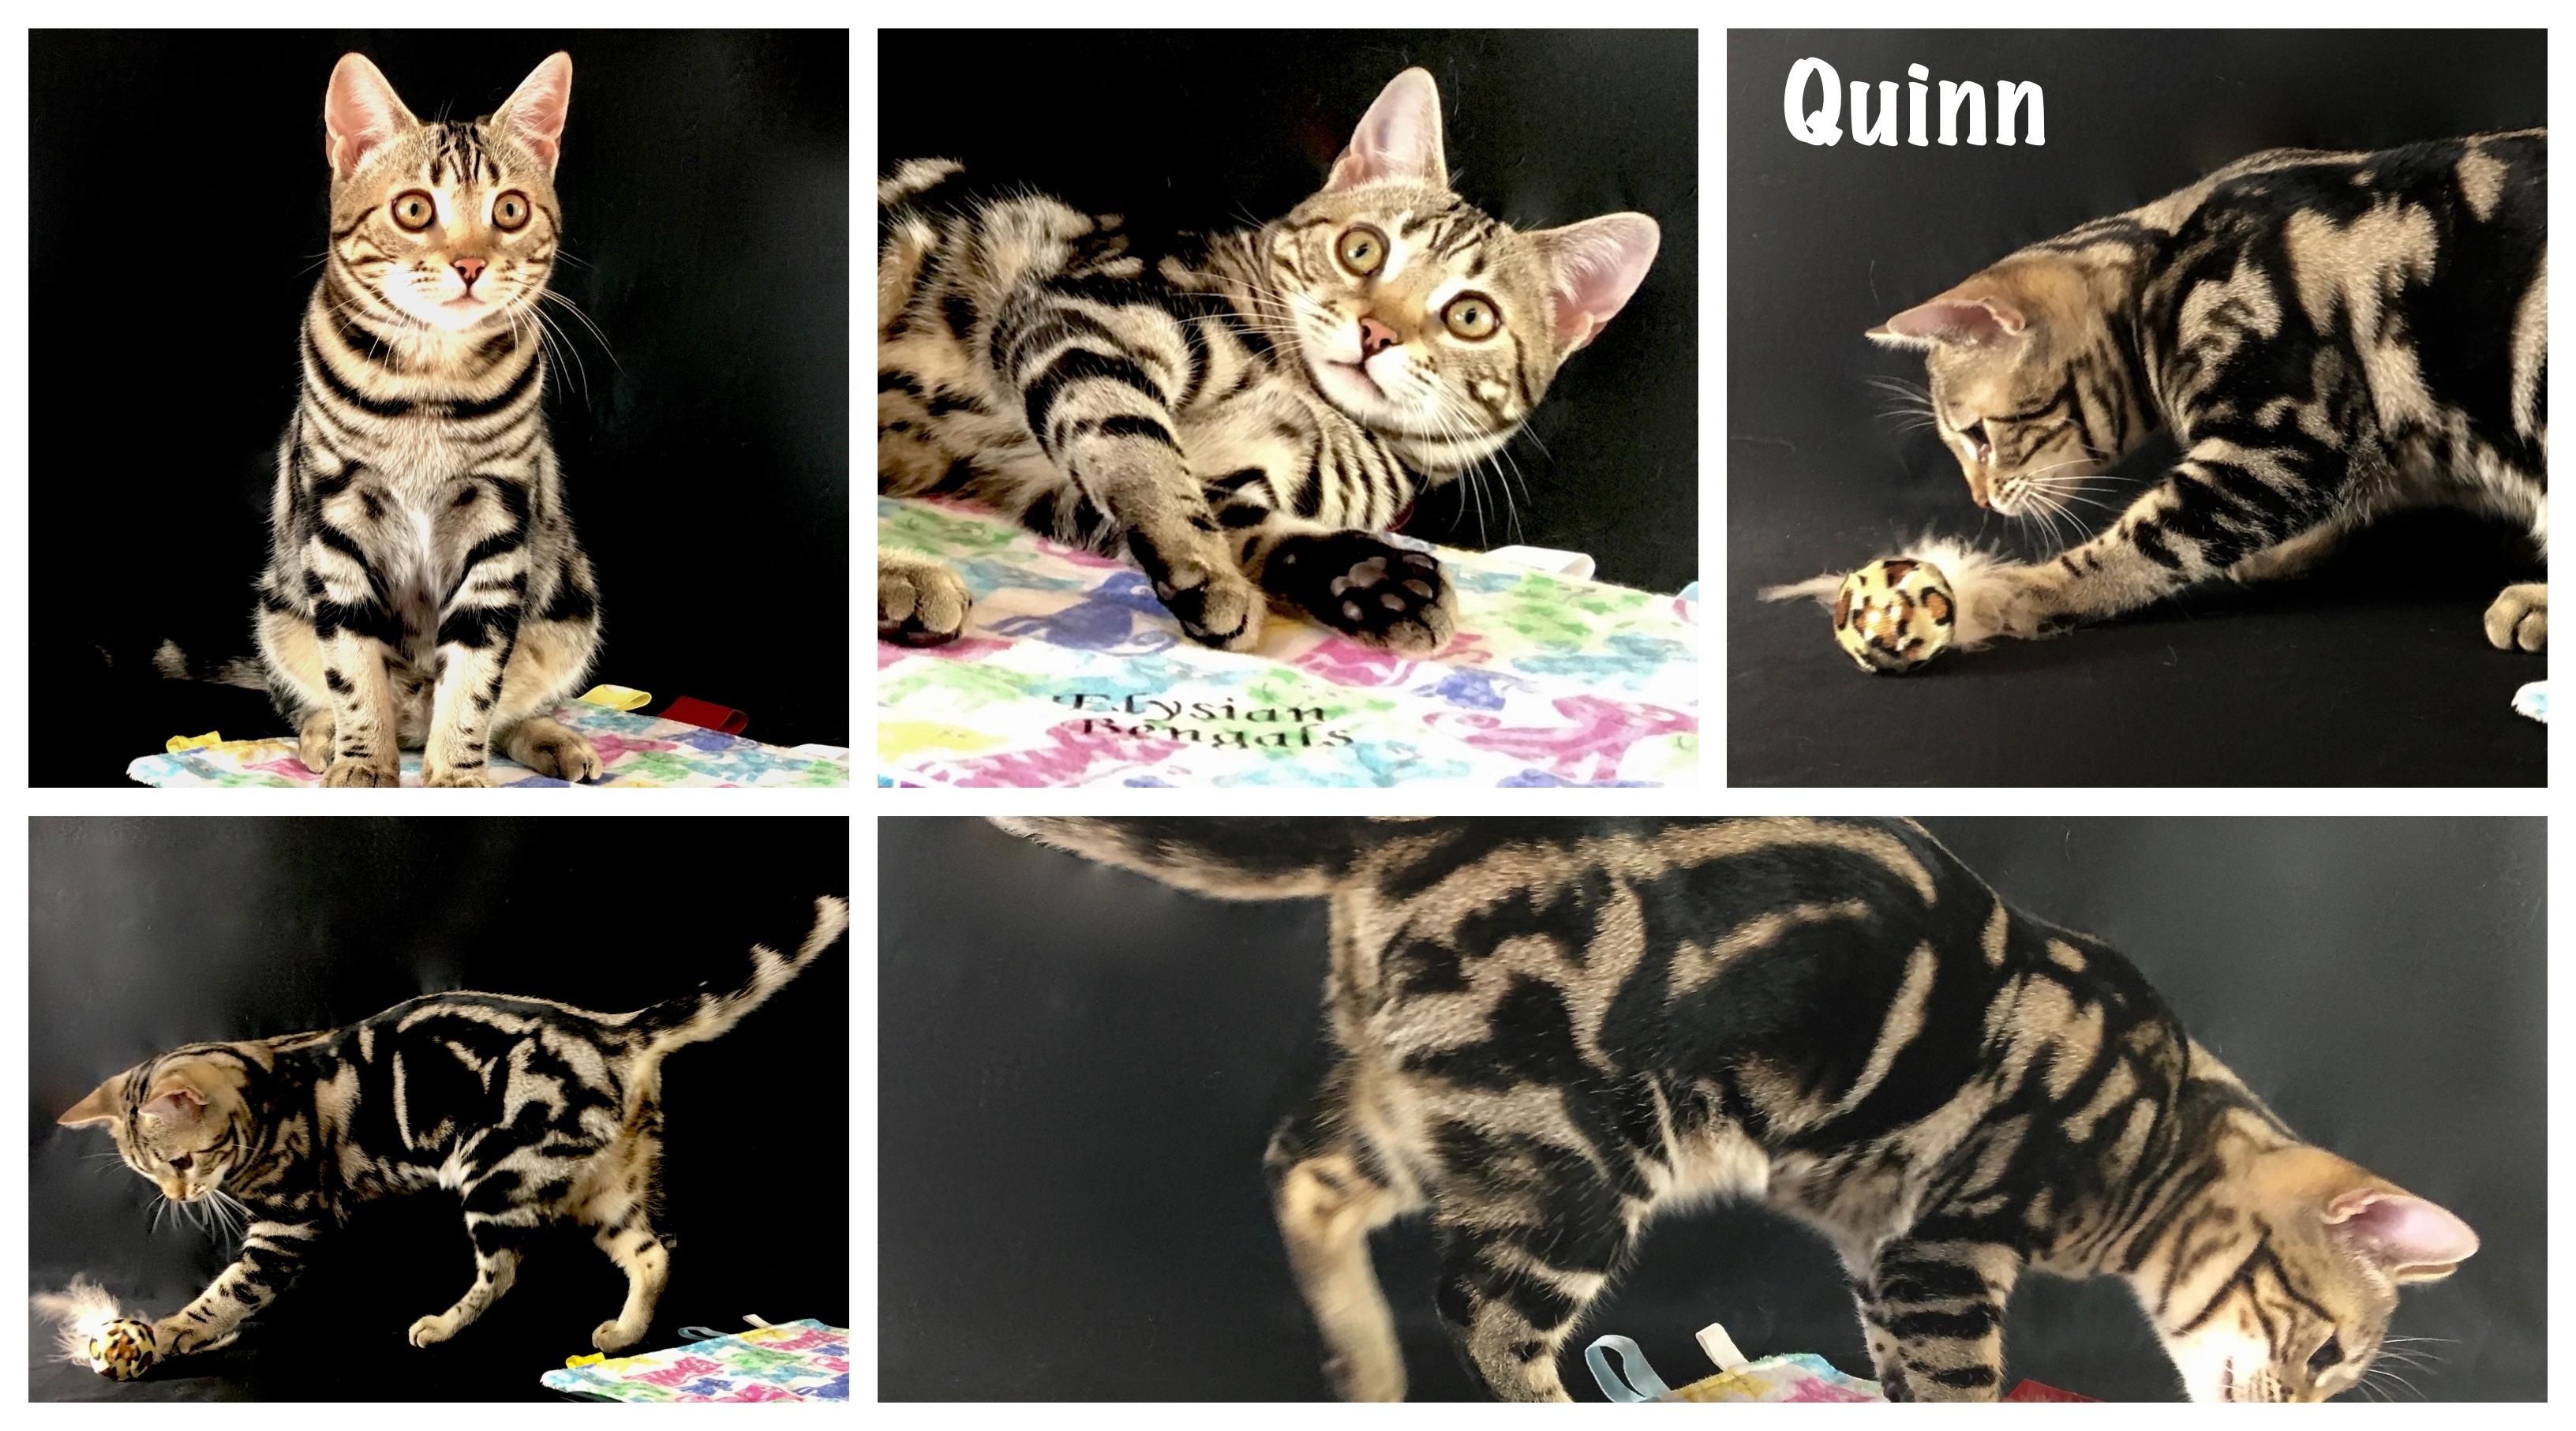 Quinn 23 weeks